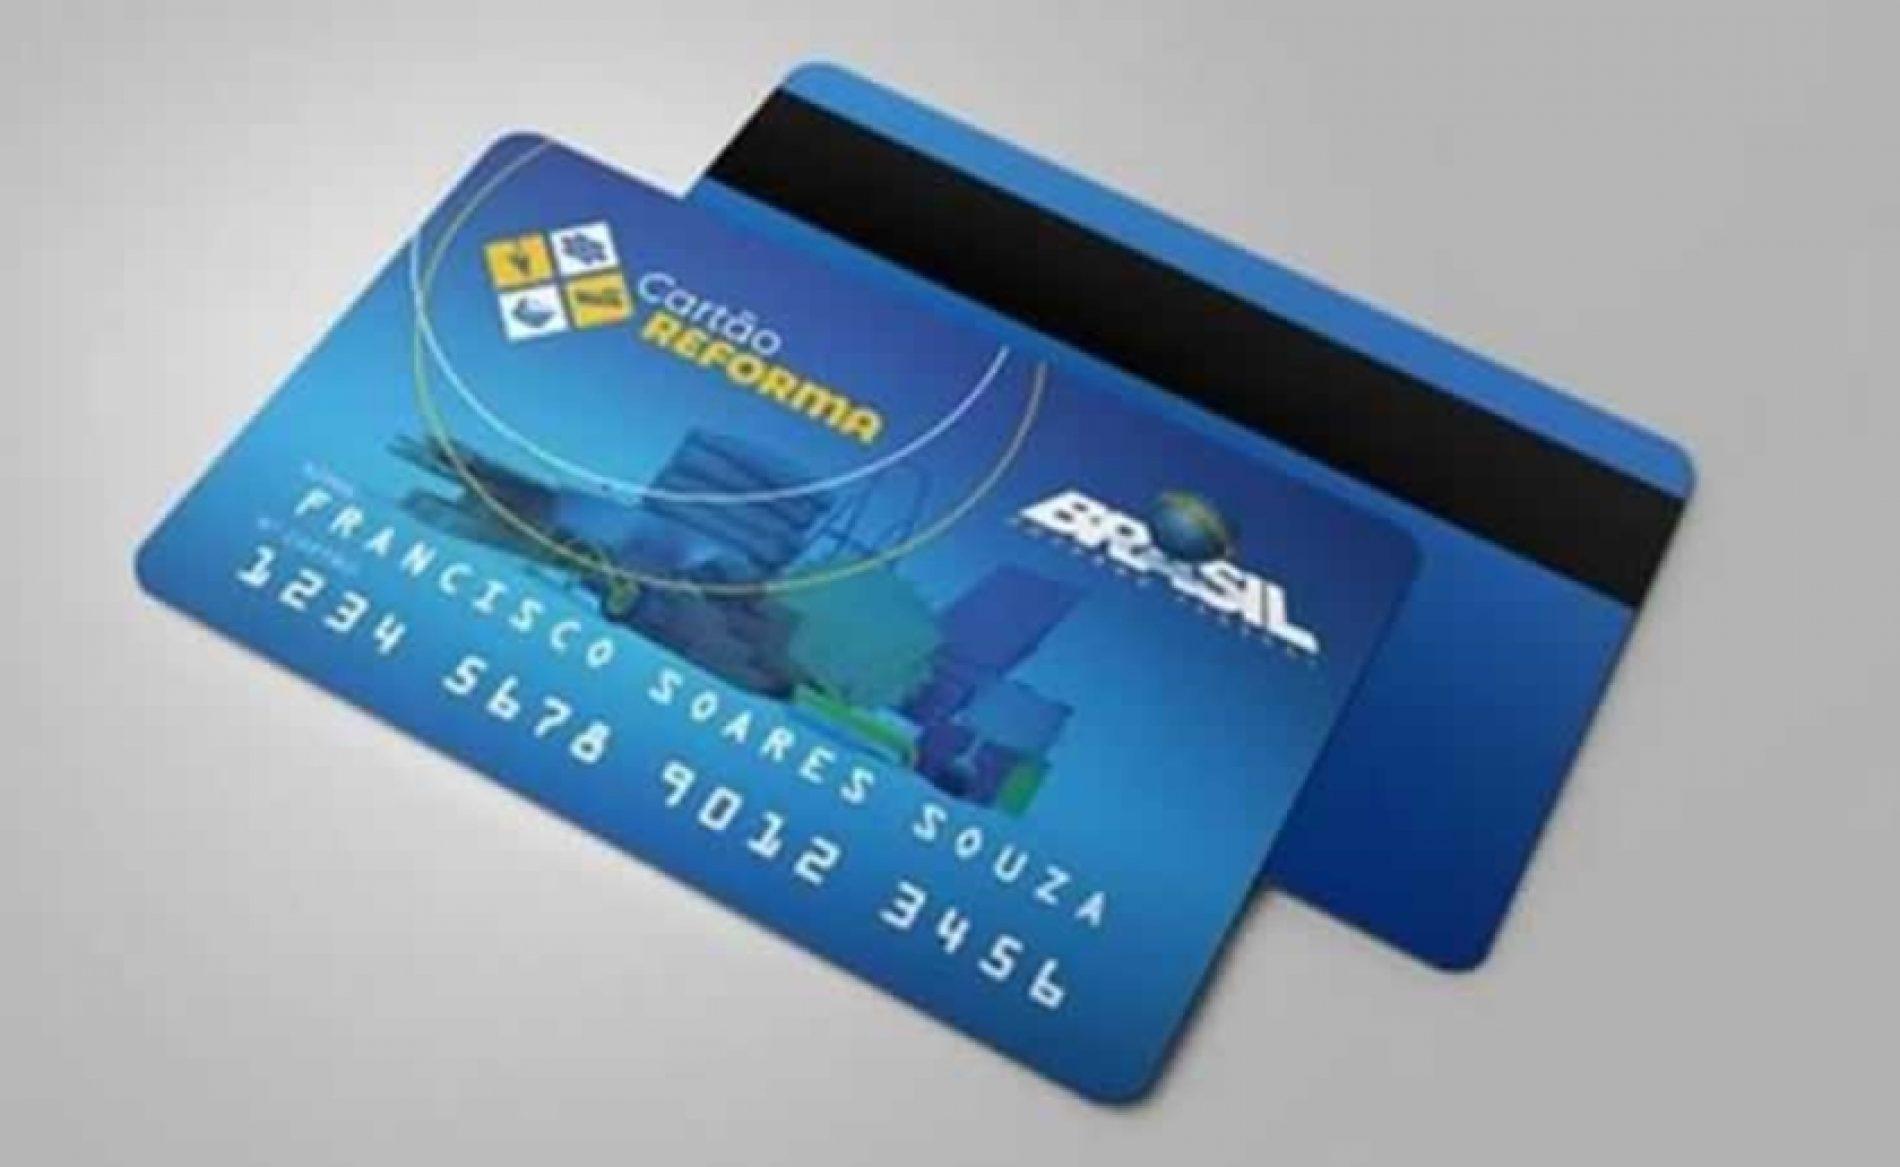 Cartão Reforma beneficiará famílias carentes com até R$ 9,6 mil